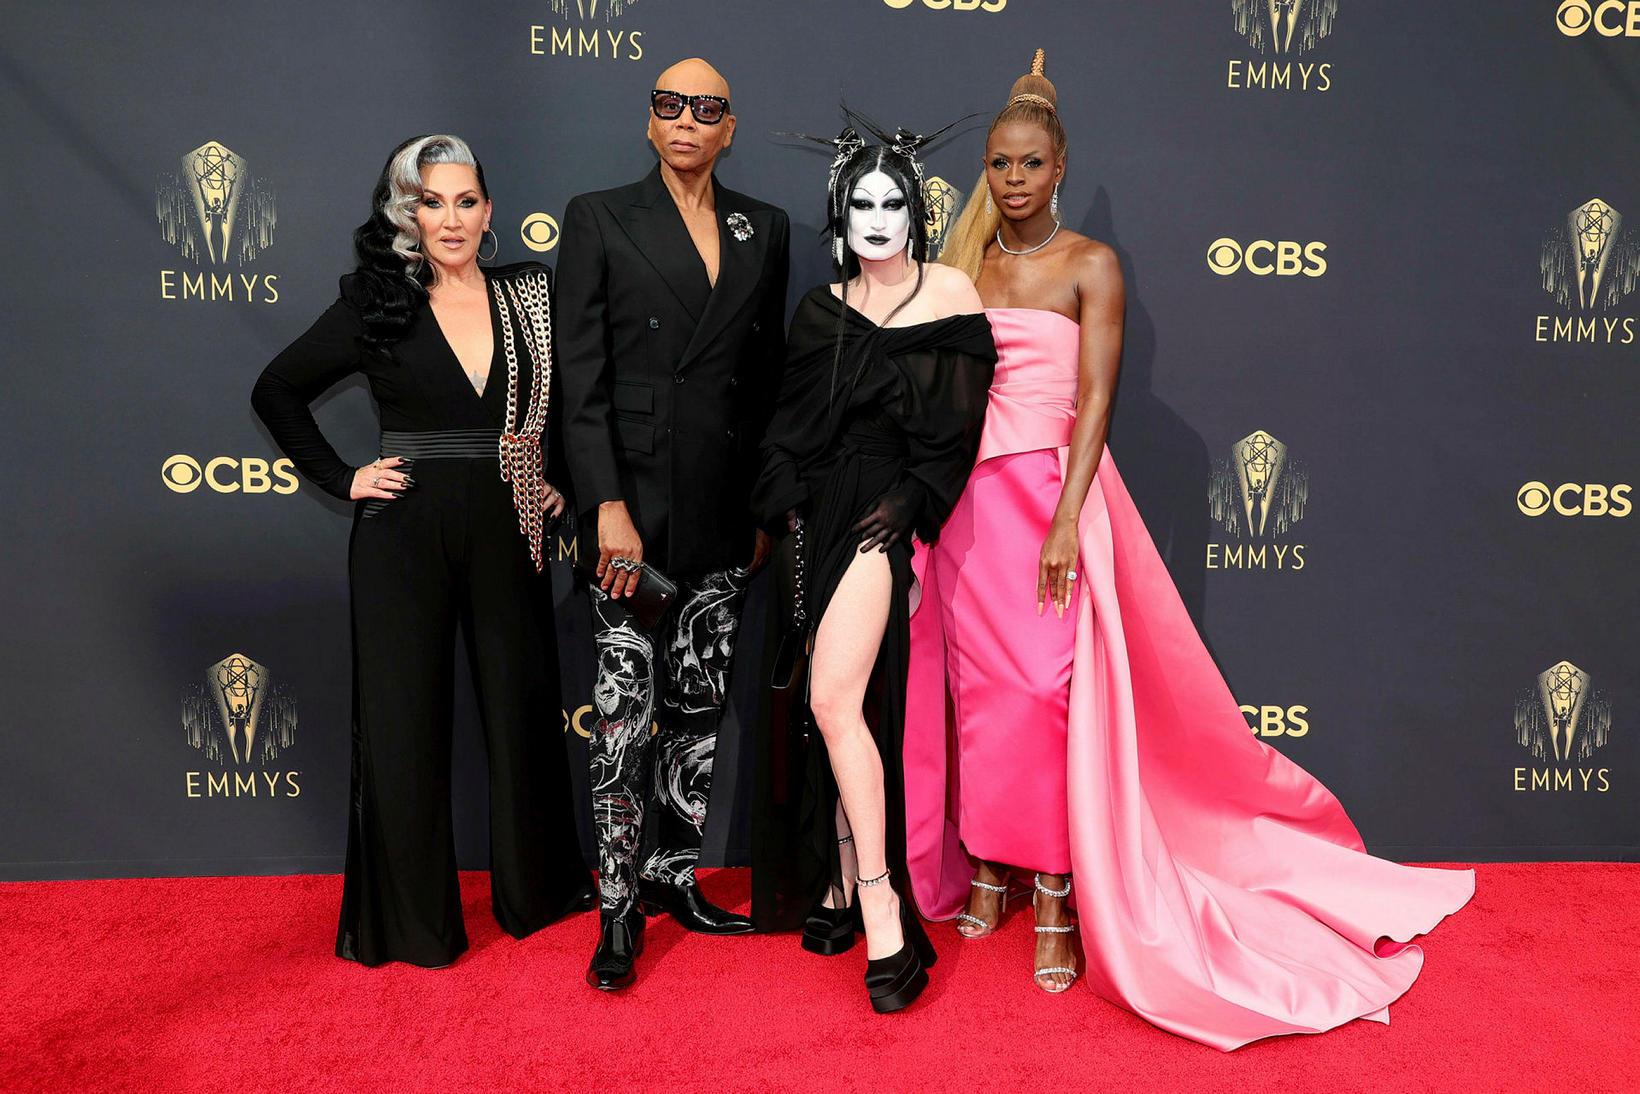 Michelle Visage, RuPaul, Kade Gottlieb, og Reggie Gavin á Emmy-verðlaunahátíðinni.